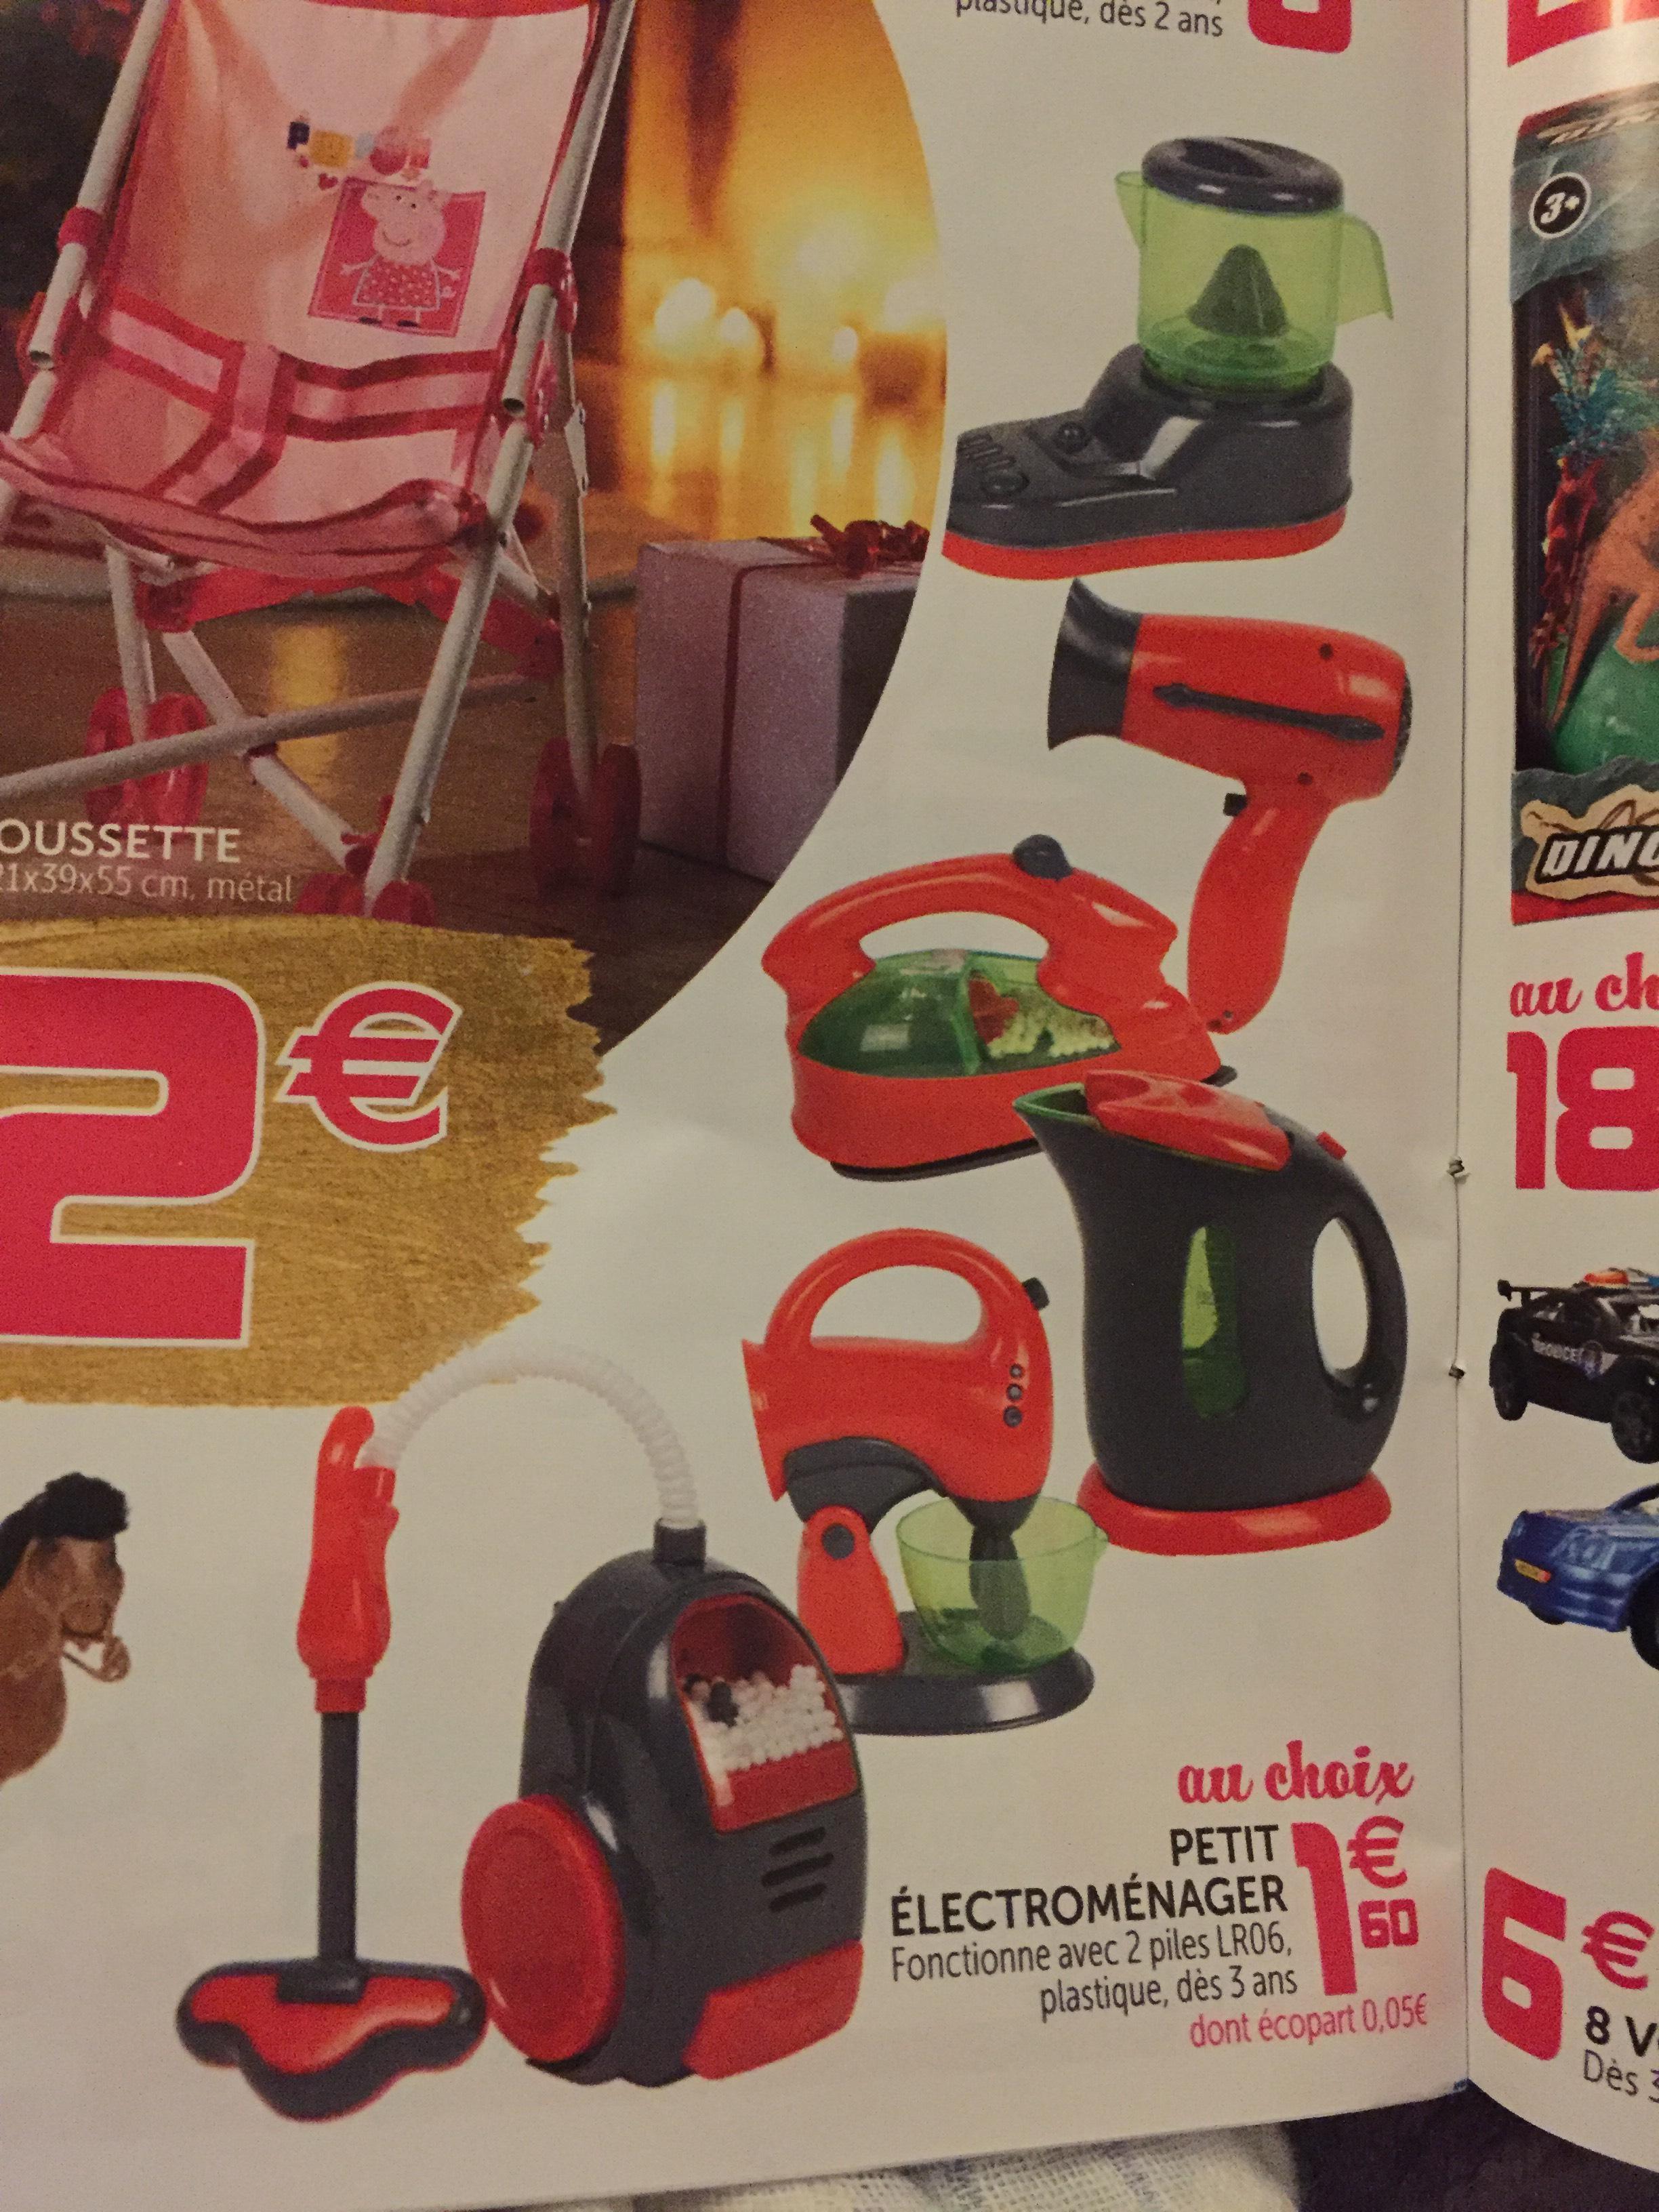 Sélection de jouets Petit Electroménager avec sons